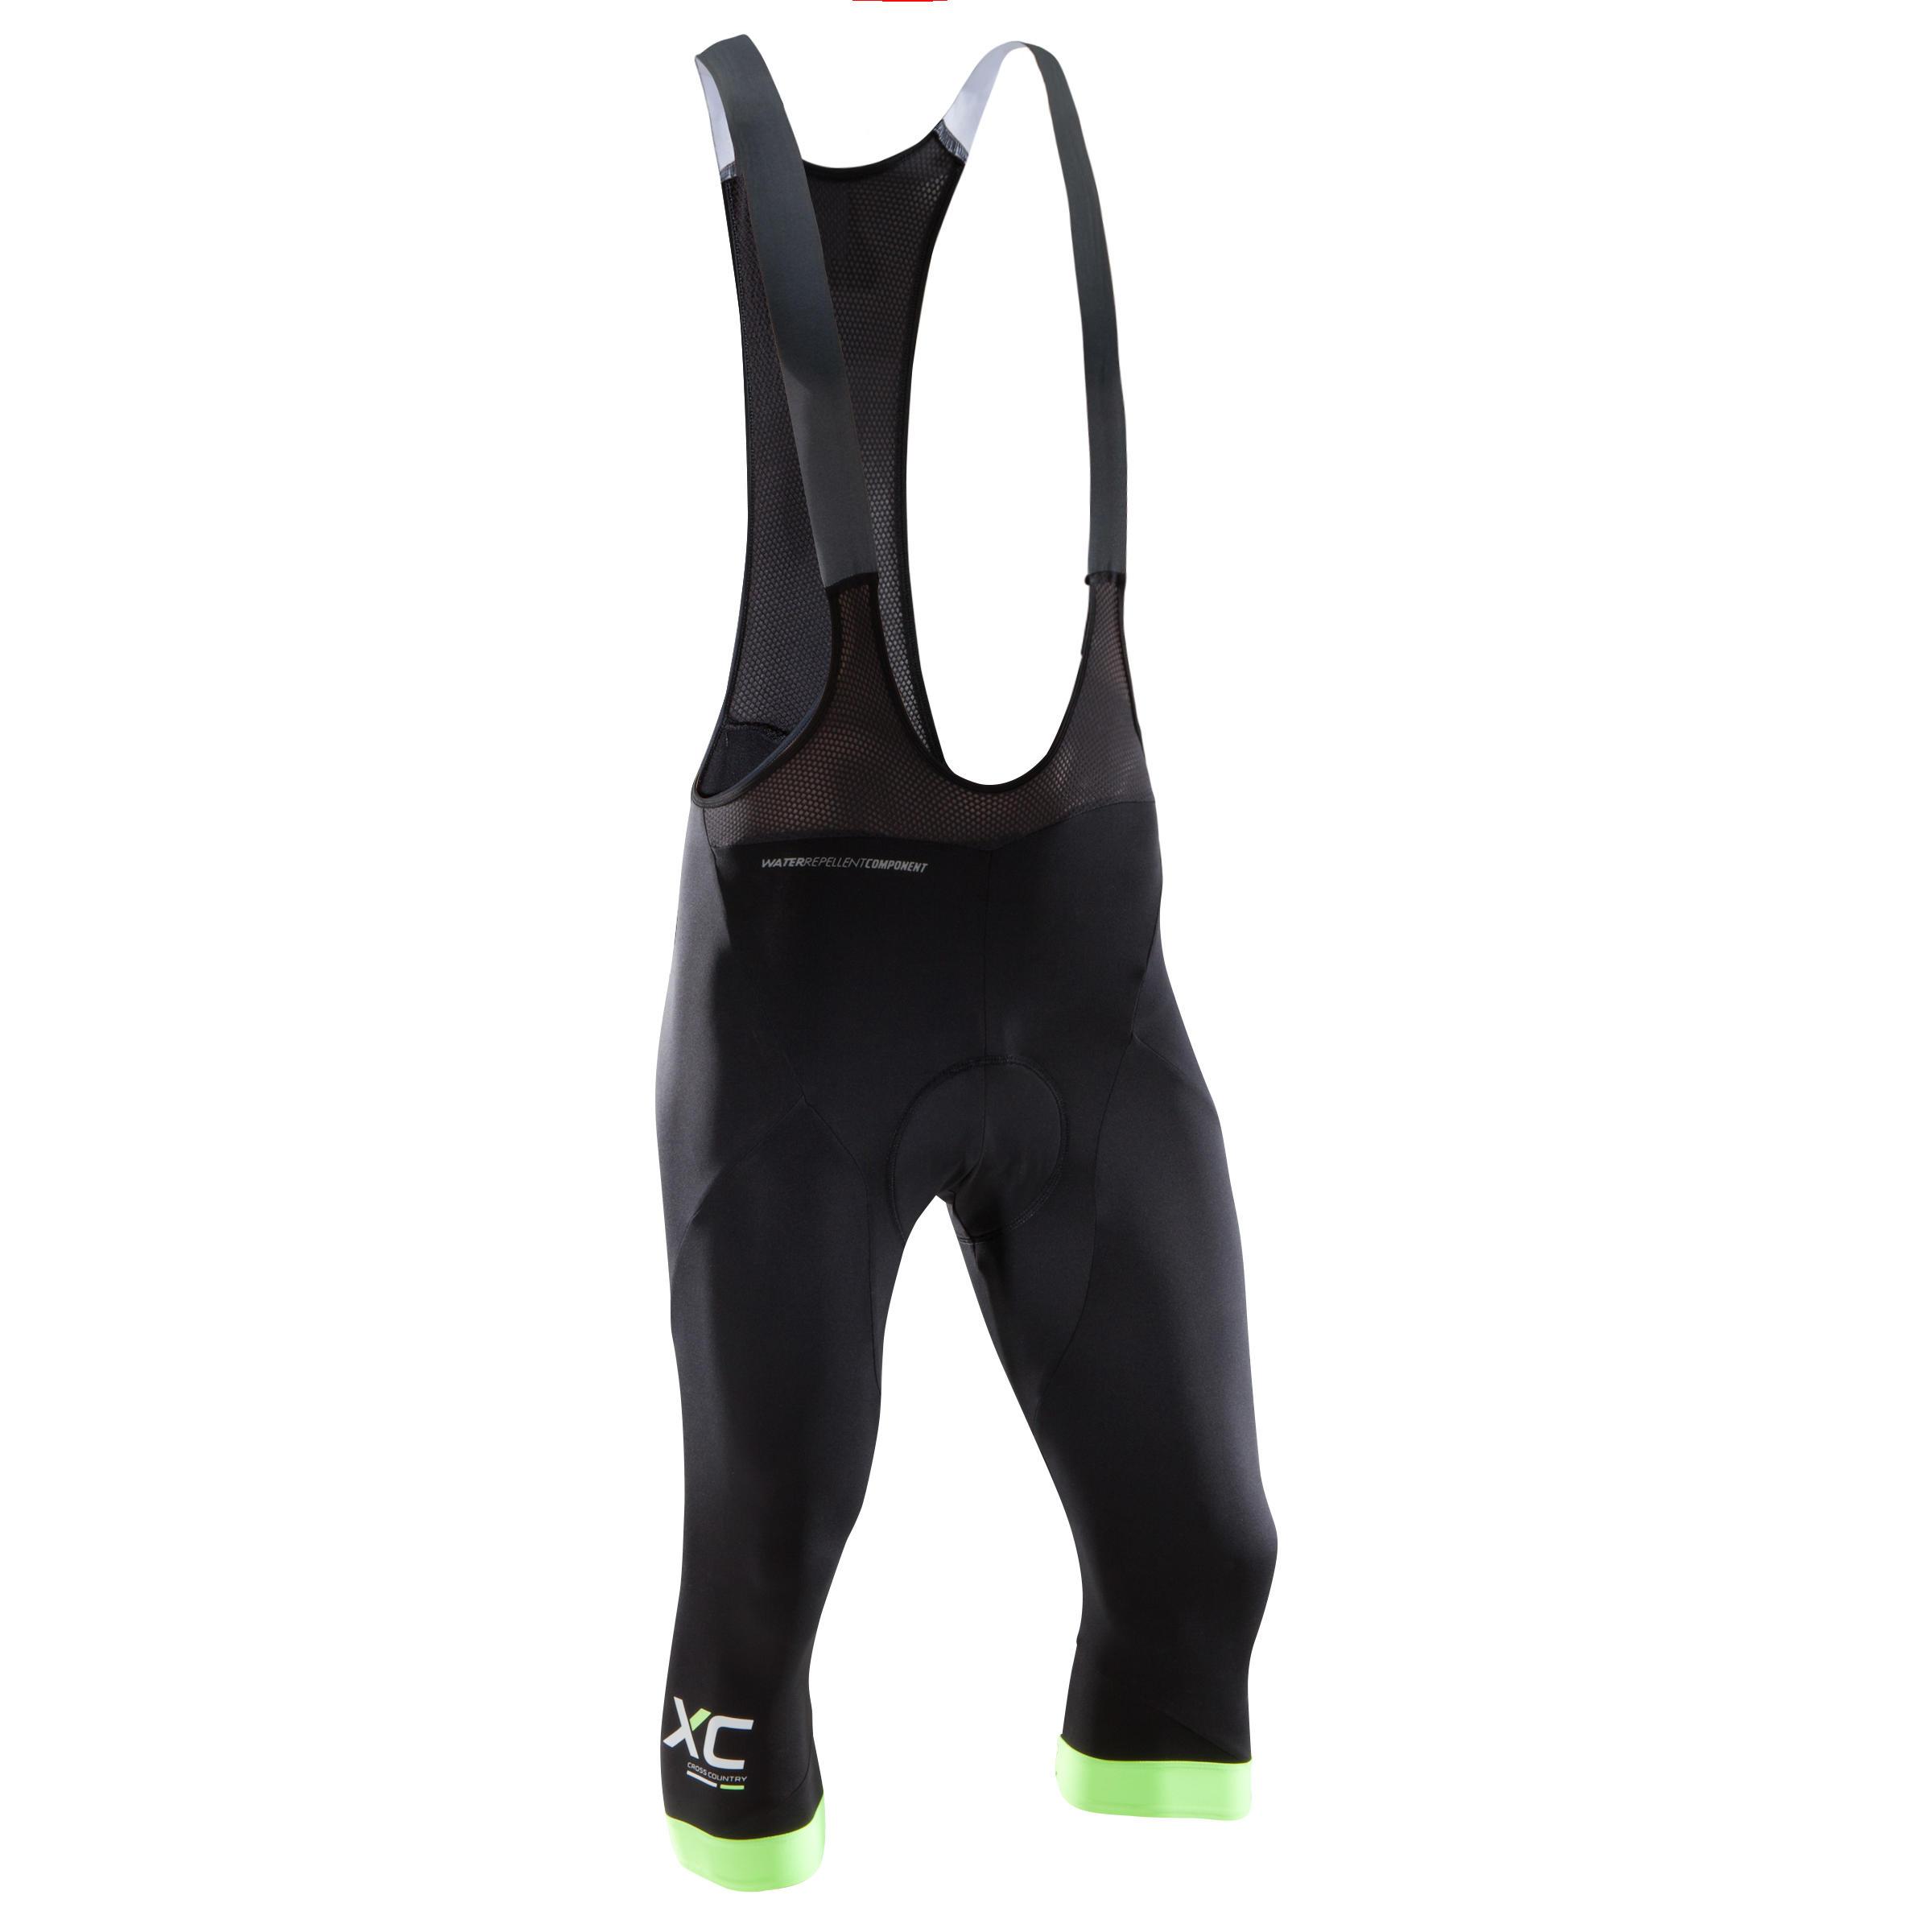 Rockrider Driekwartbroek voor XC mountainbiken met bretels zwart/fluo kopen